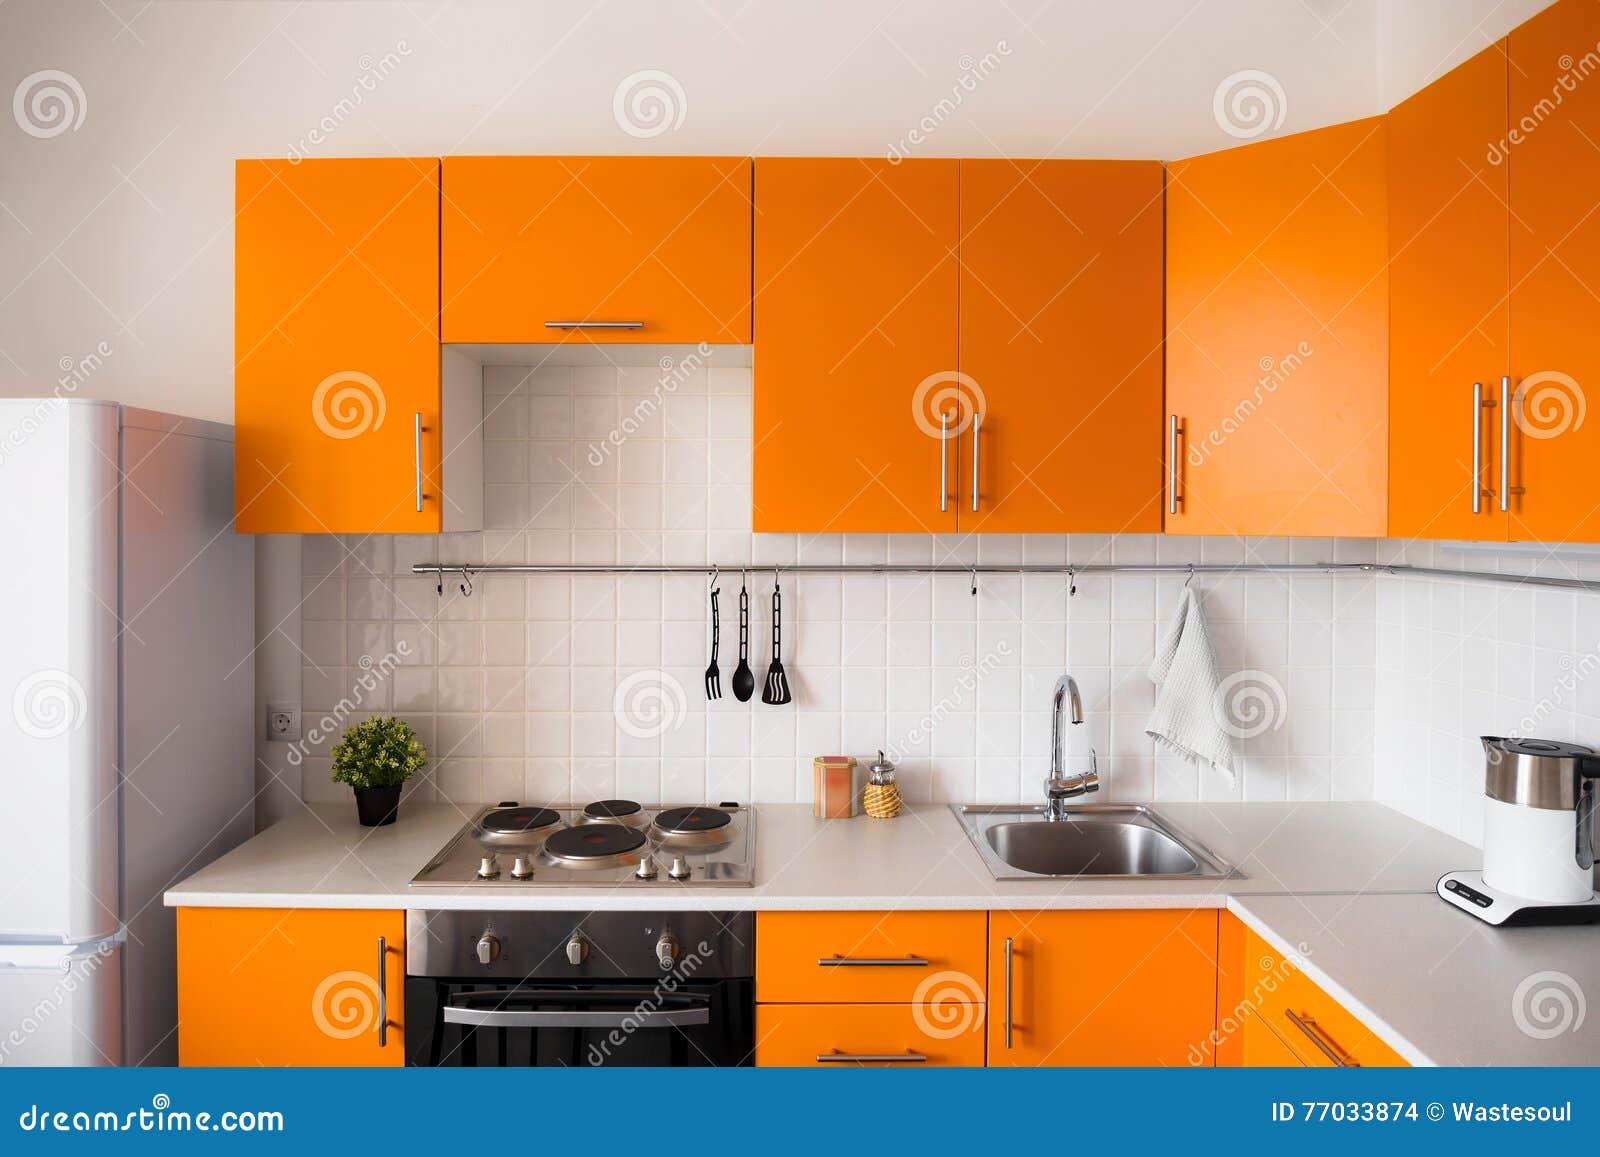 Cucina Moderna Arancione.Cucina Arancione Moderna Fotografia Stock Immagine Di Lusso